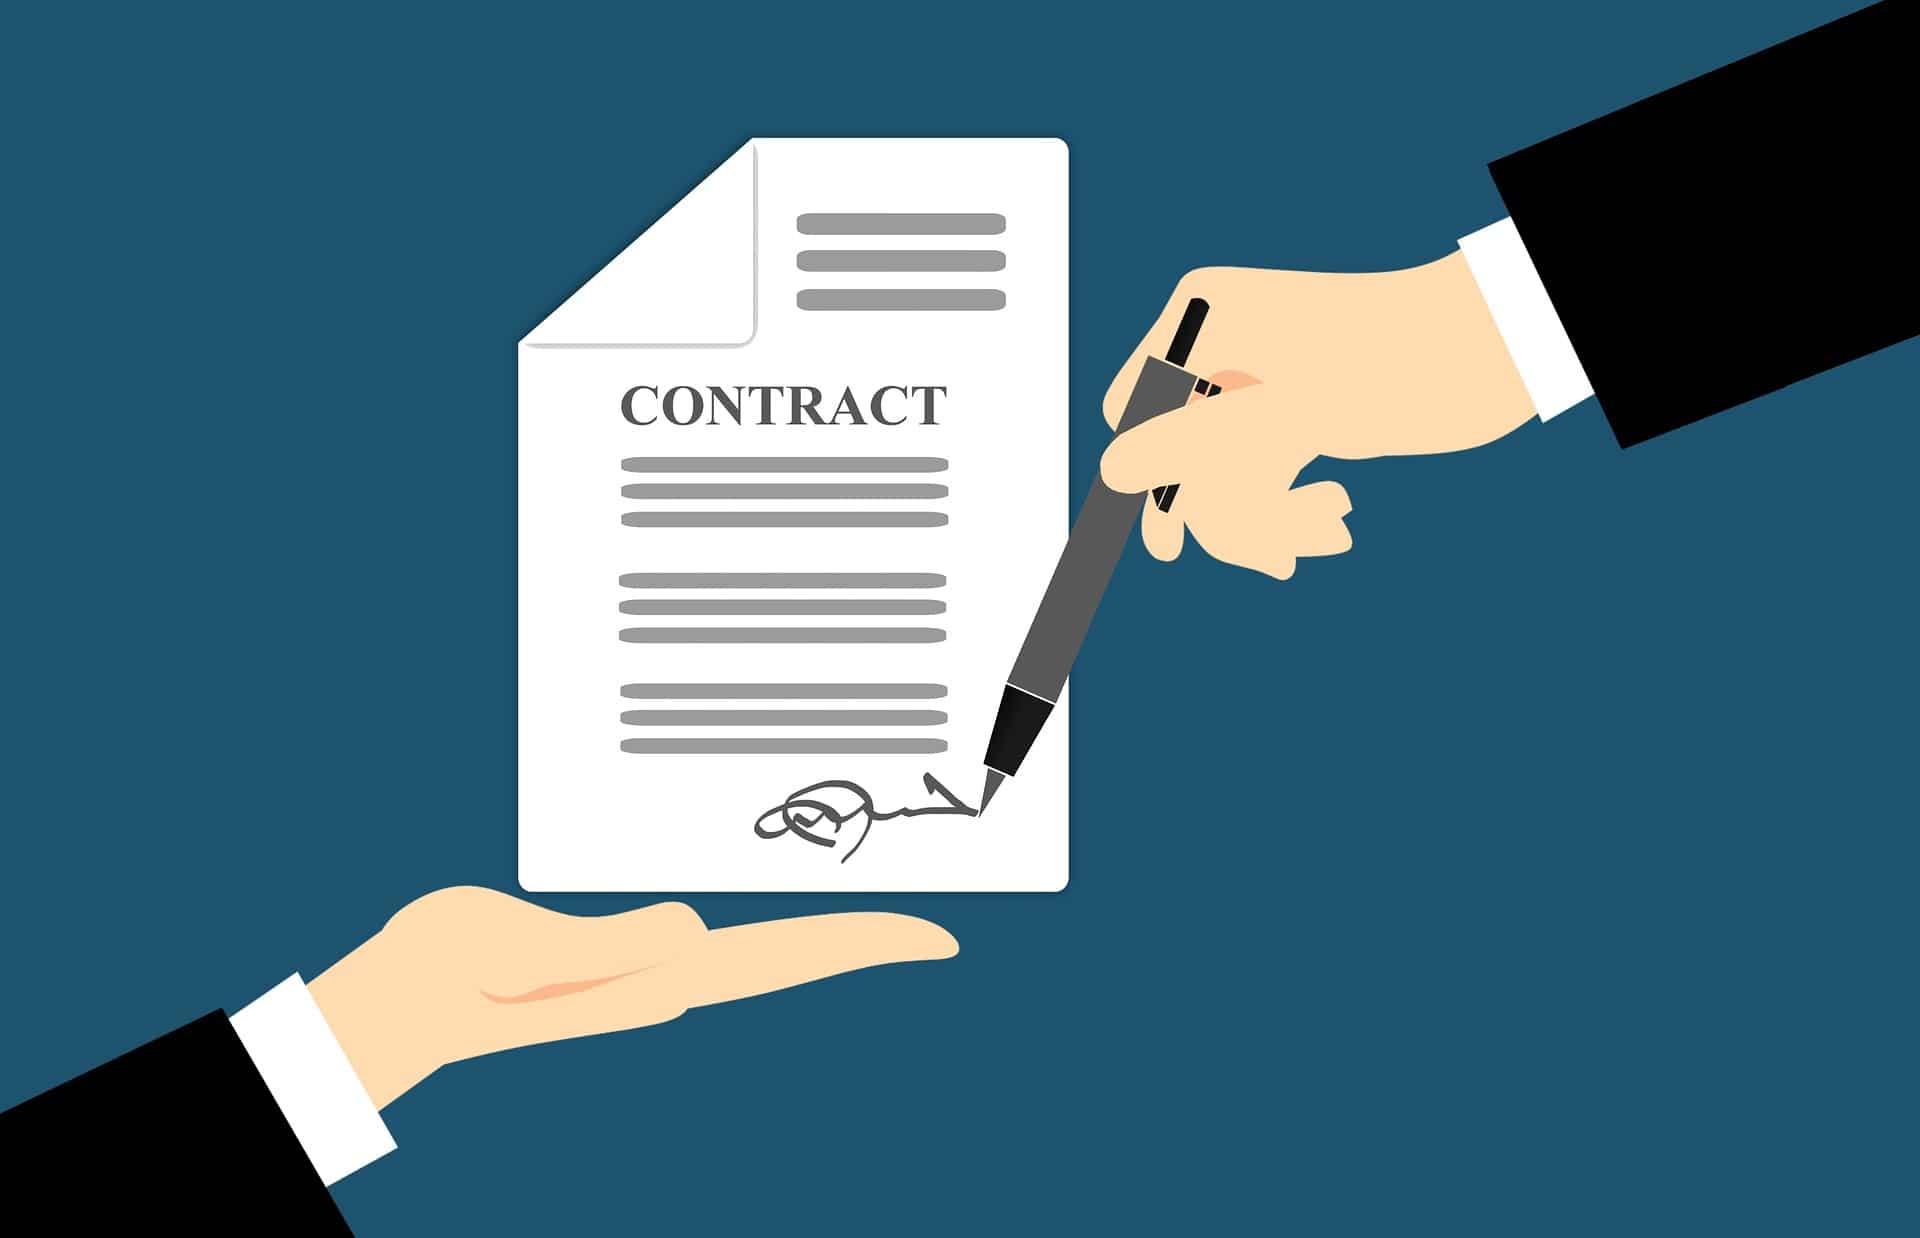 уникальный номер контракта